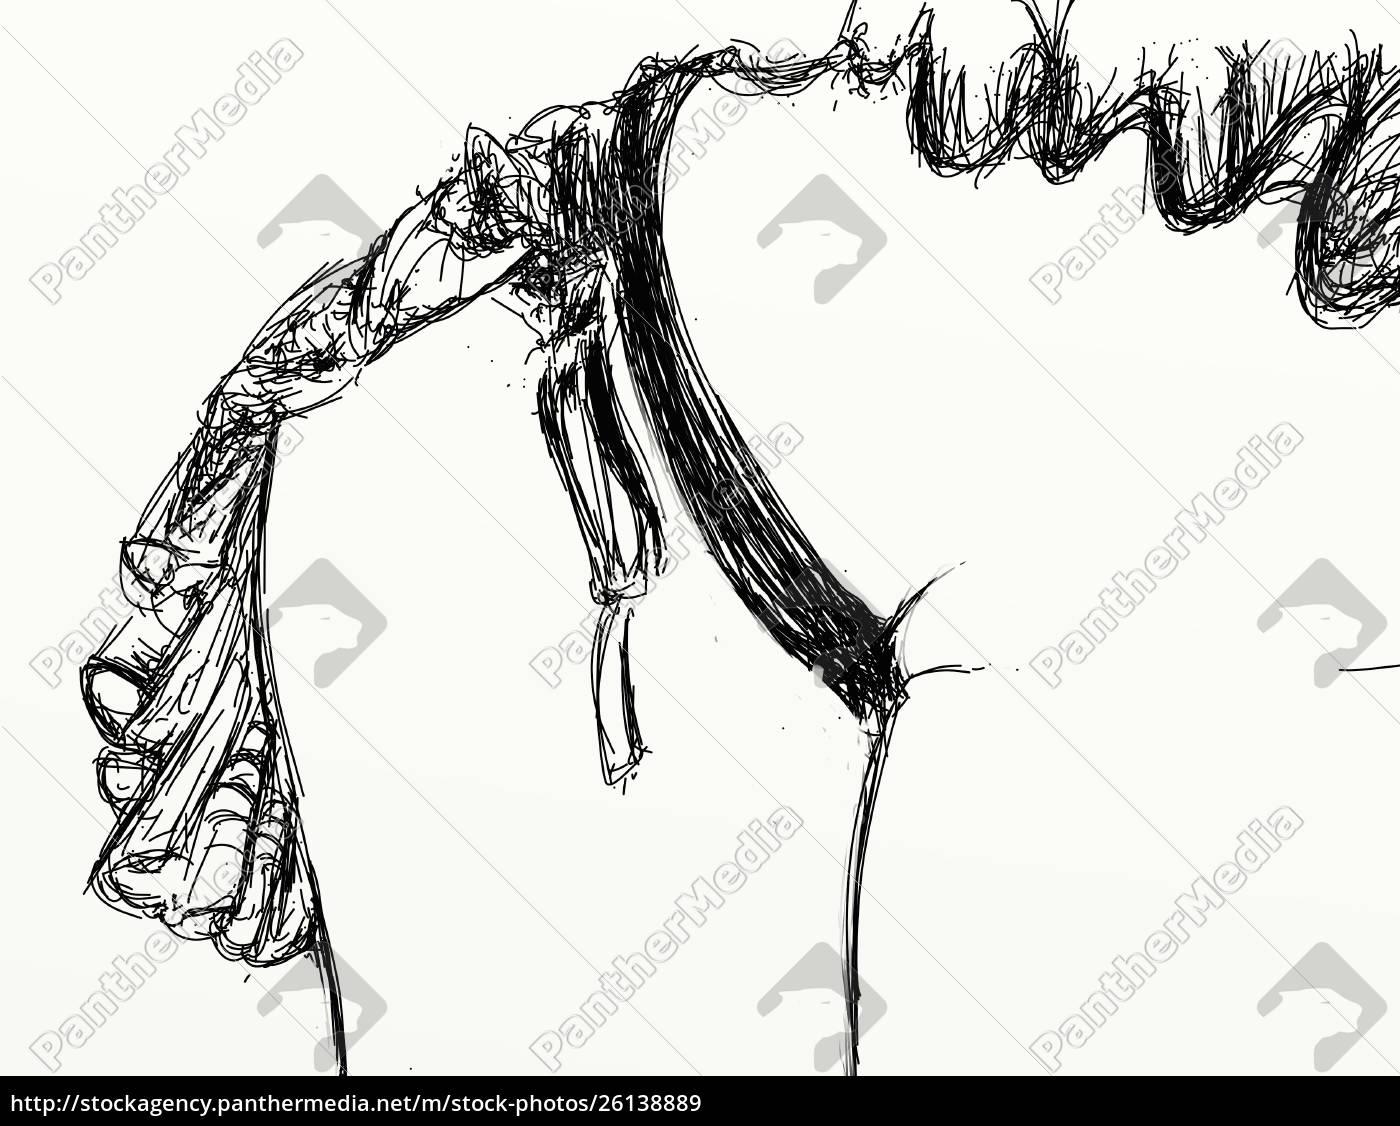 , mujer, erótica, refinada, y, sensual, línea - 26138889